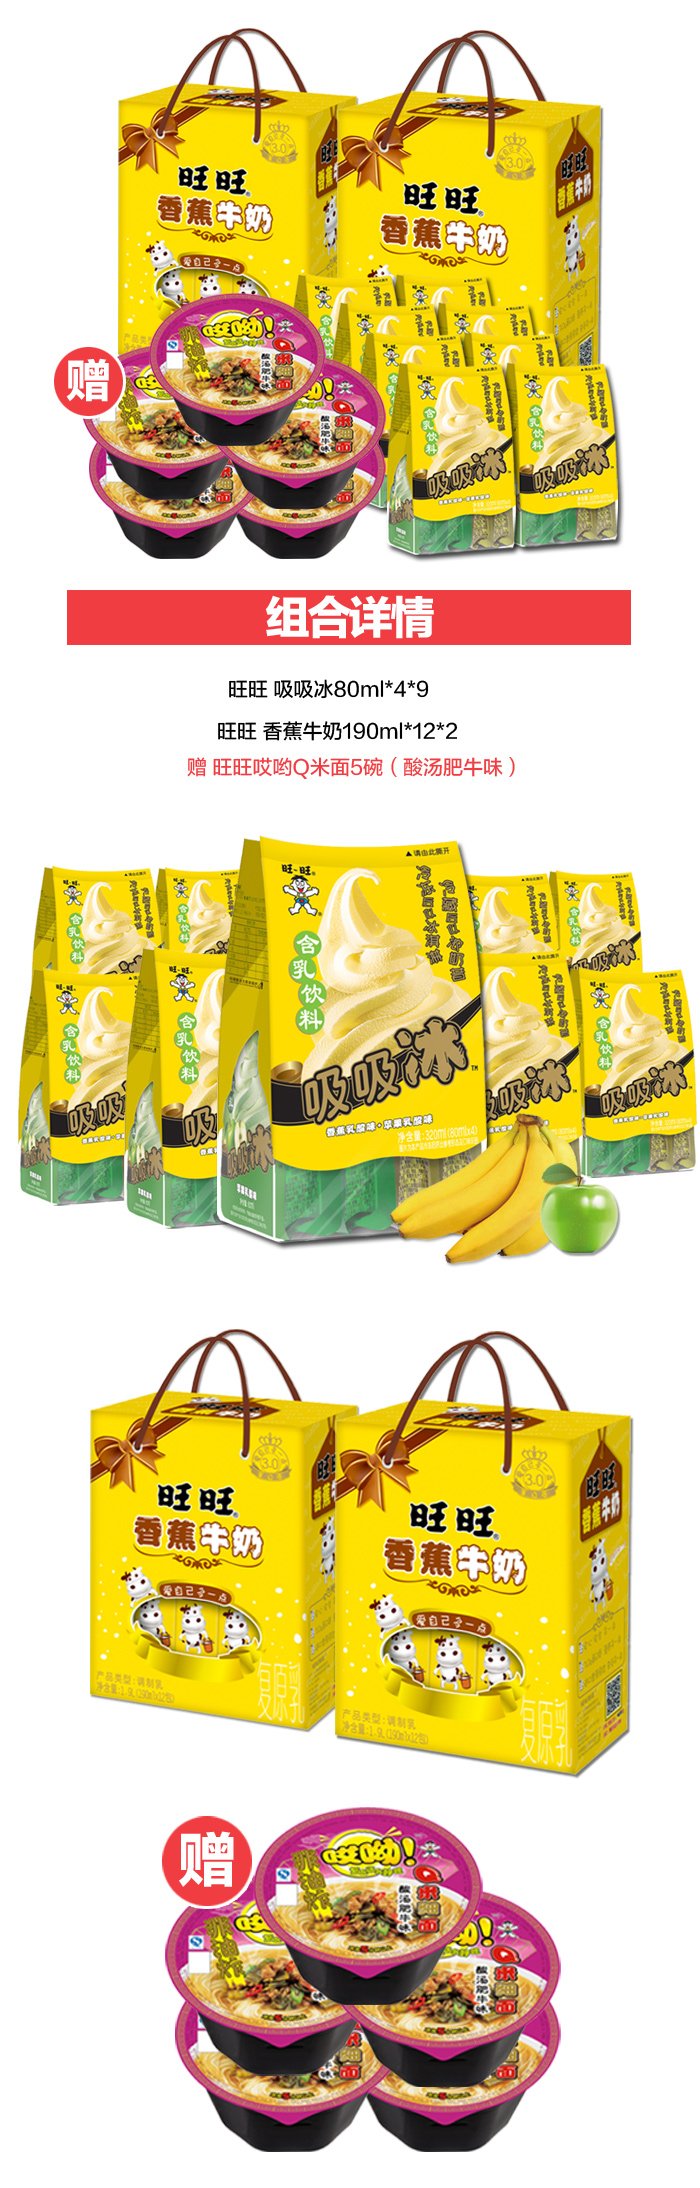 旺旺 吸吸冰香蕉/苹果80ml*4*9+香蕉牛奶190图片